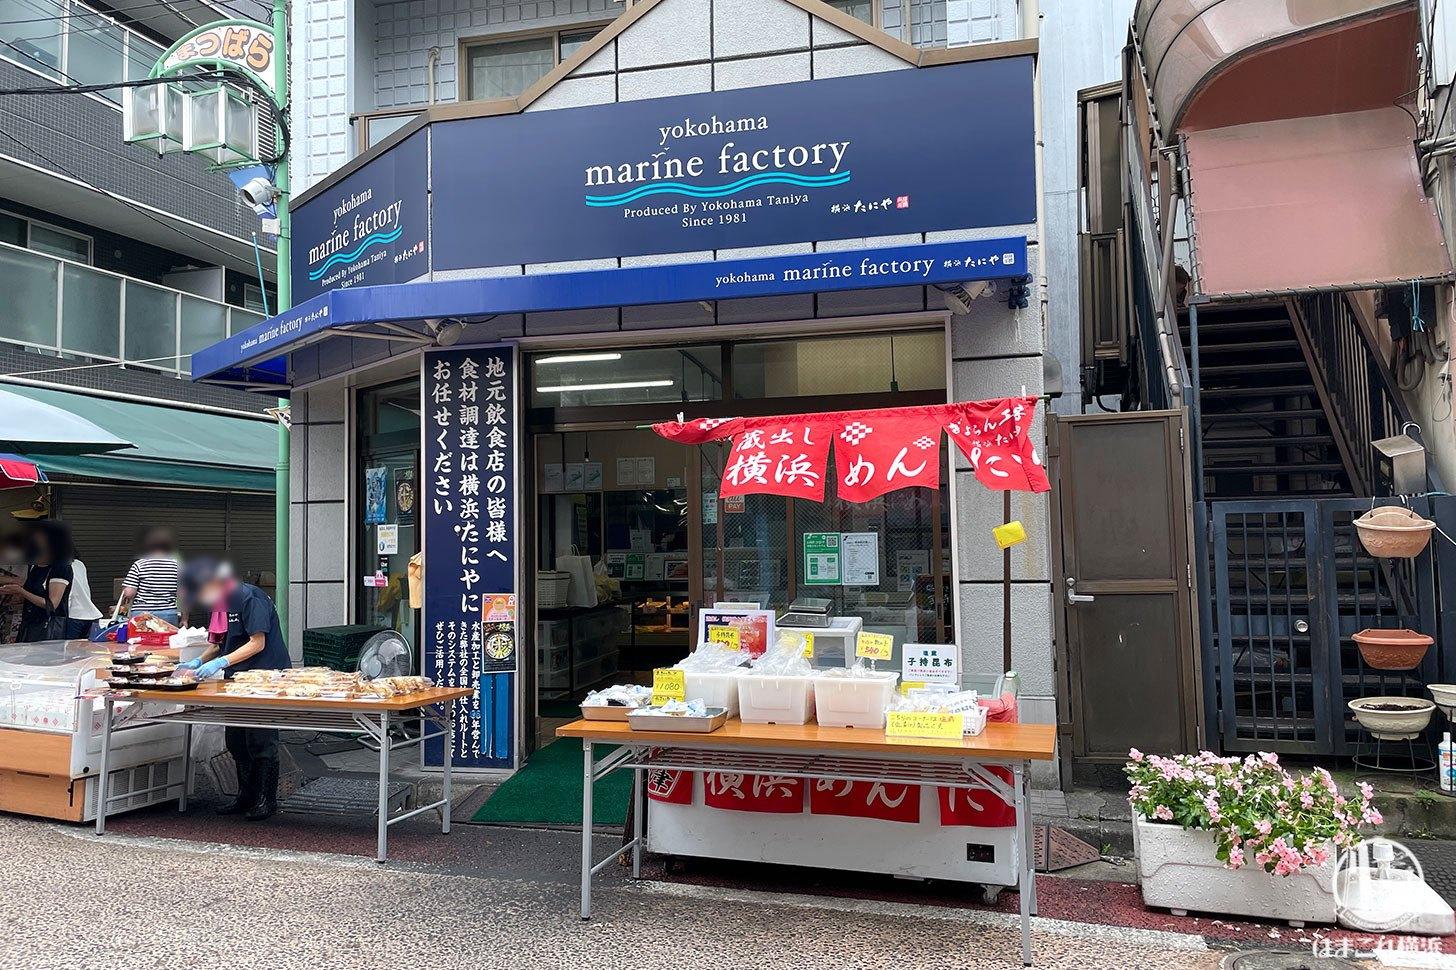 yohohama marine factory 外観